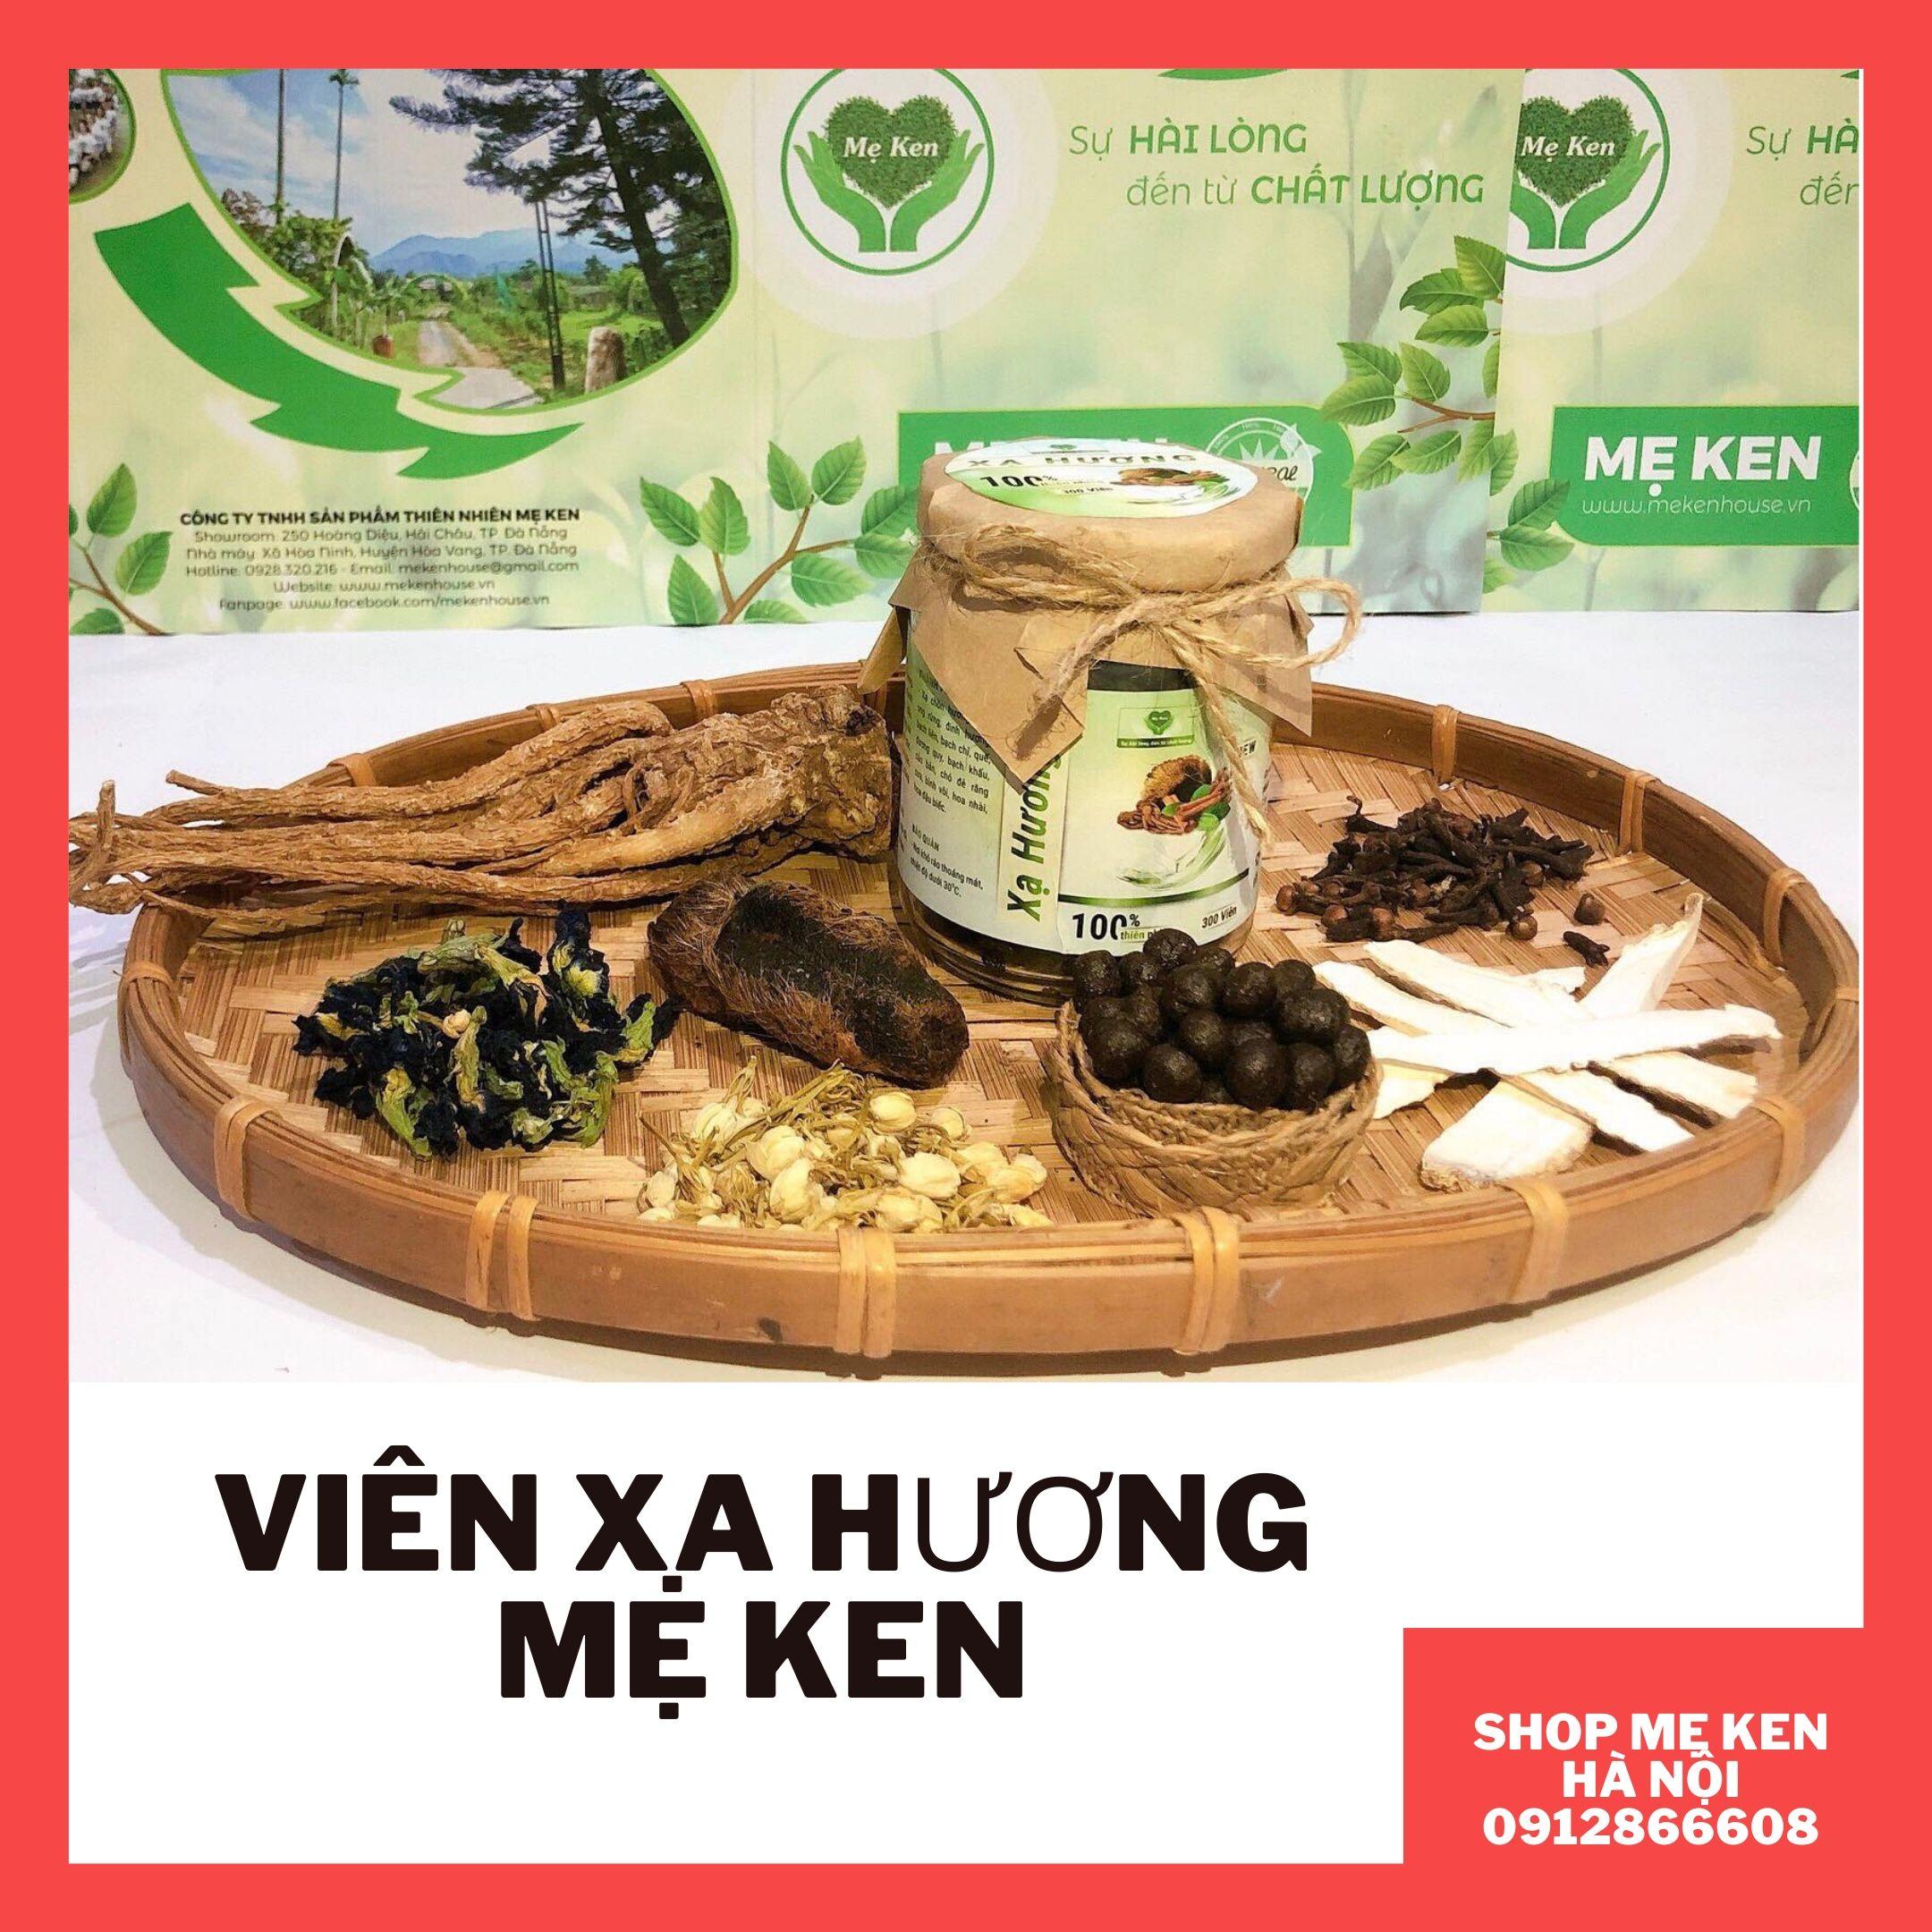 Viên xạ hương Mẹ Ken giải pháp cho người hôi nách, hôi miệng, hôi chân và muốn có mùi hương tự nhiên quyến rũ, ổn định kinh nguyệt nhập khẩu